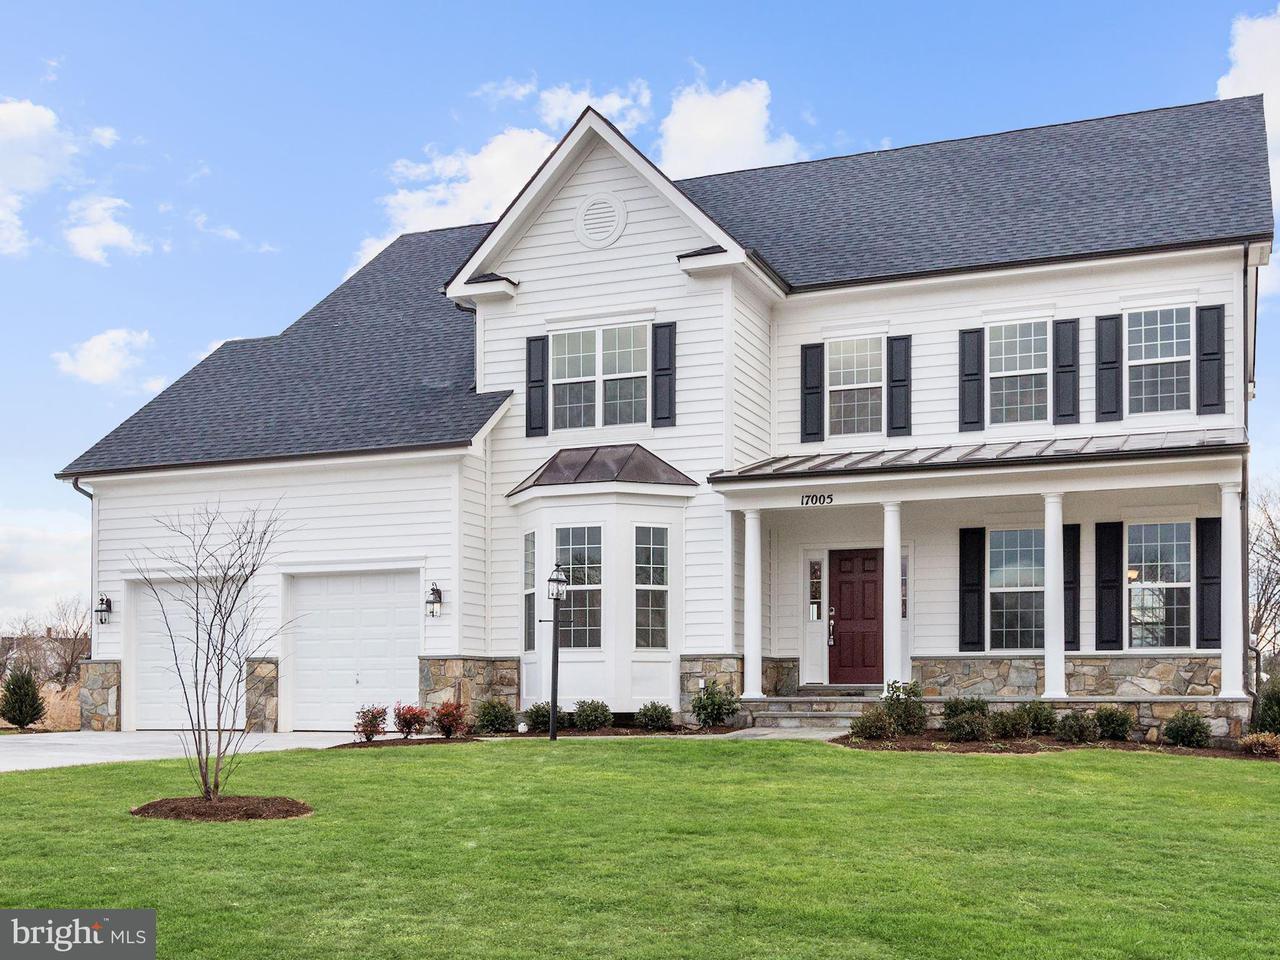 Μονοκατοικία για την Πώληση στο 17005 Bennett Way 17005 Bennett Way Poolesville, Μεριλαντ 20837 Ηνωμενεσ Πολιτειεσ